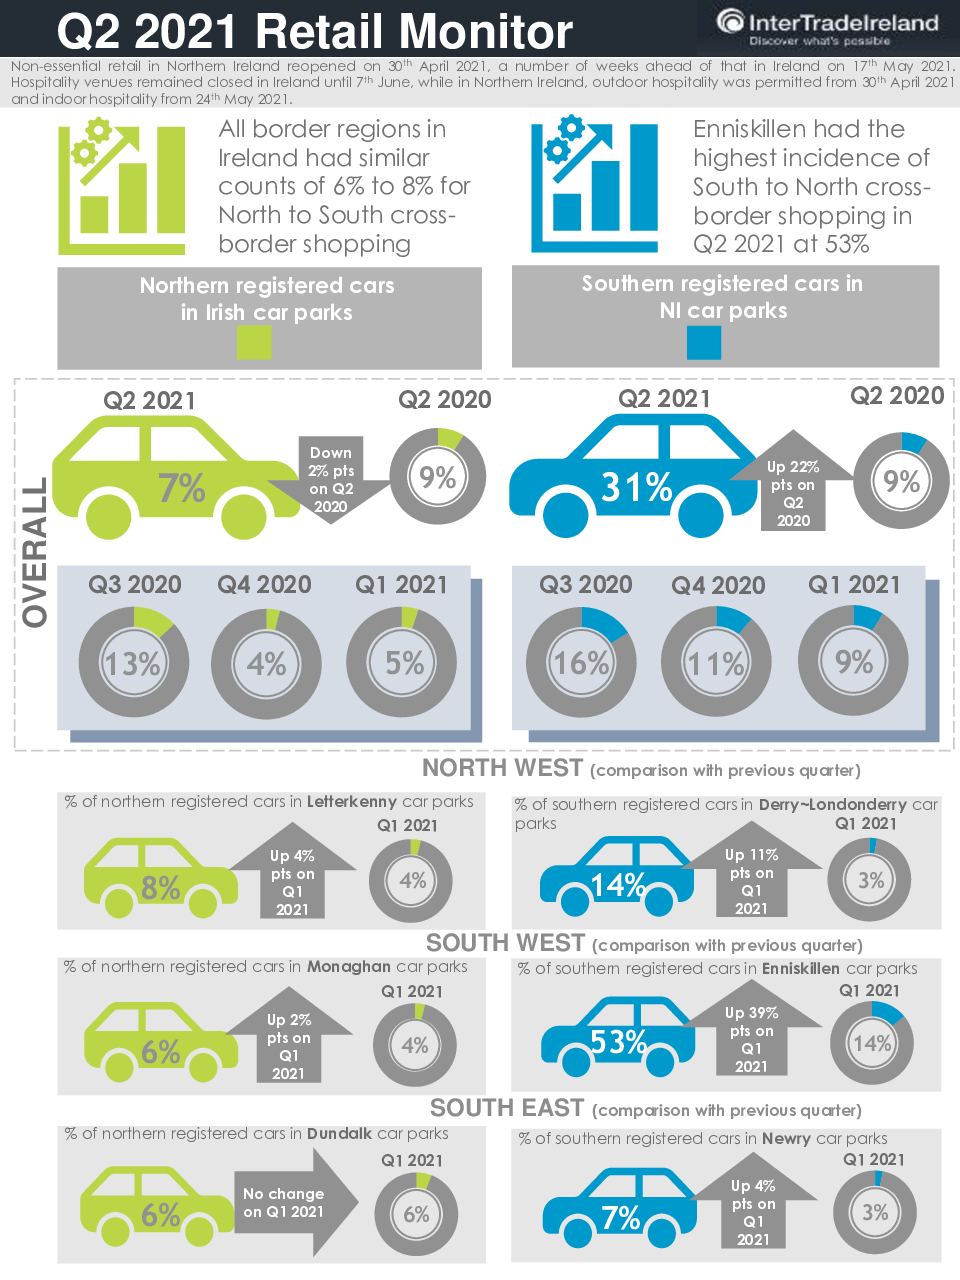 ITI Retail Monitor Q2 2021 Infographic 28 June 21